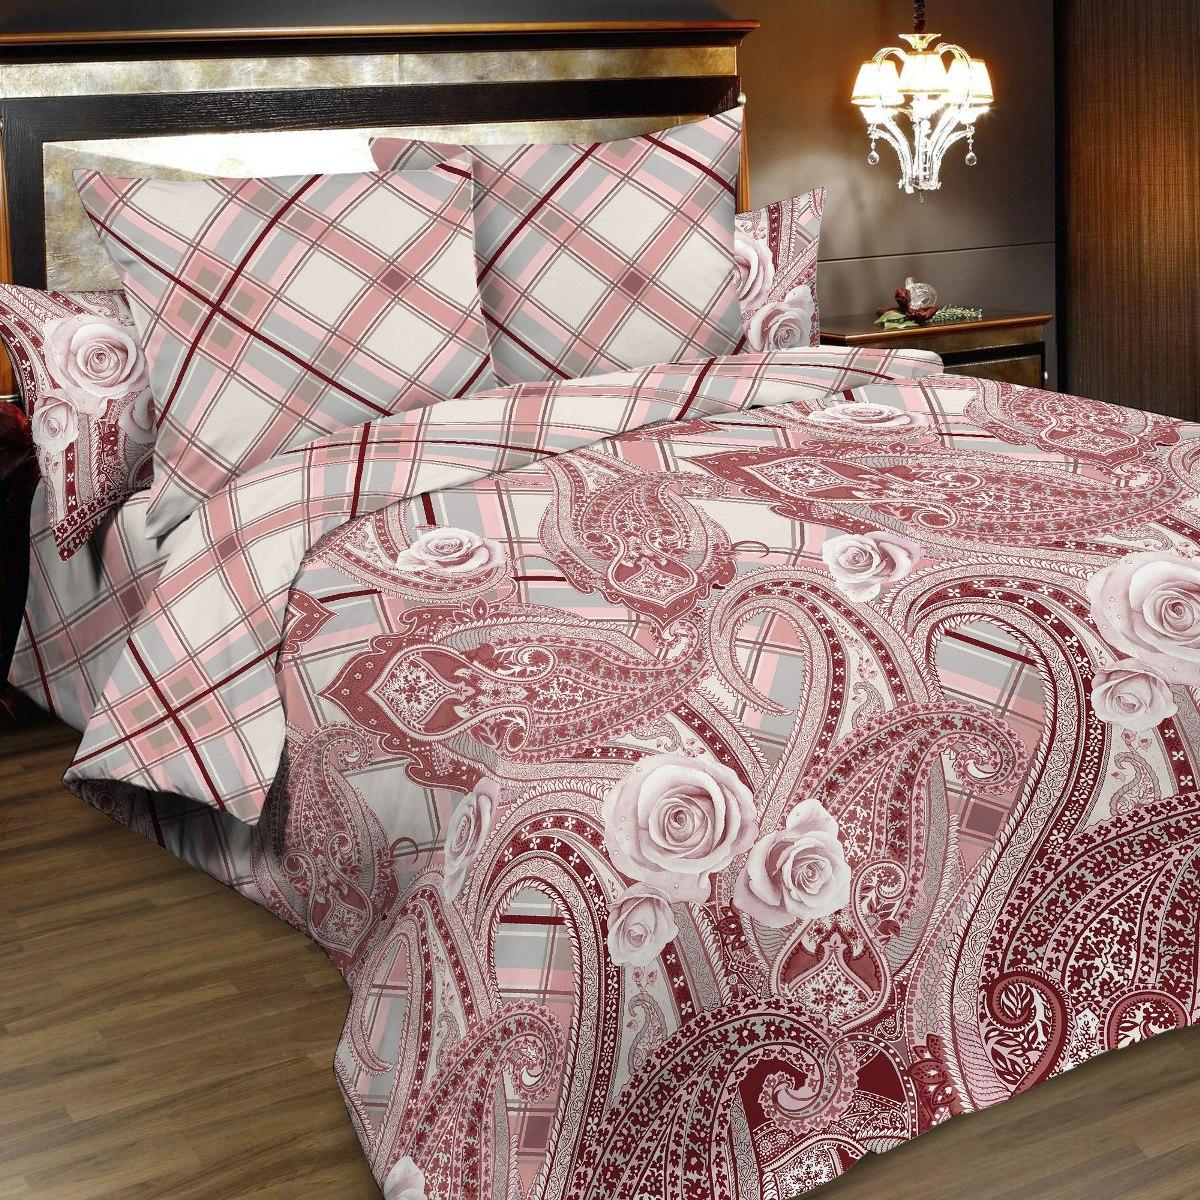 Комплект белья Letto, евро, наволочки 70х70, цвет: розовый. B169-6C-129/4553Серия Letto «Традиция» выполнена из классической российской бязи, привычной для большинства российских покупательниц. Ткань плотная (125гр/м), используются современные устойчивые красители. Традиционная российская бязь выгодно отличается от импортных аналогов по цене, при том, что сама ткань и толще, меньше сминается и служит намного дольше. Рекомендуется перед первым использованием постирать, но не пересушивать. Применение кондиционера при стирке сделает такое постельное белье мягче и комфортней. Пододеяльник на молнии. Обращаем внимание, что расцветка наволочек может отличаться от представленной на фото.